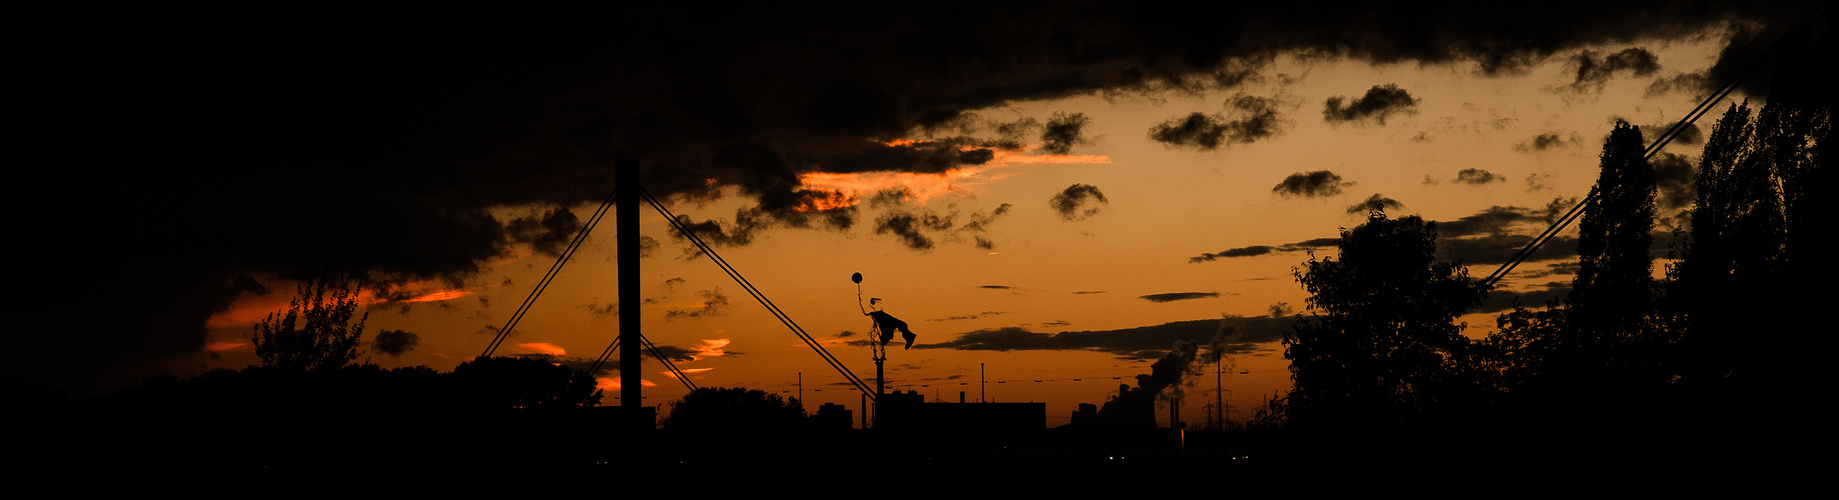 Hexenkunst im Sonnenuntergang